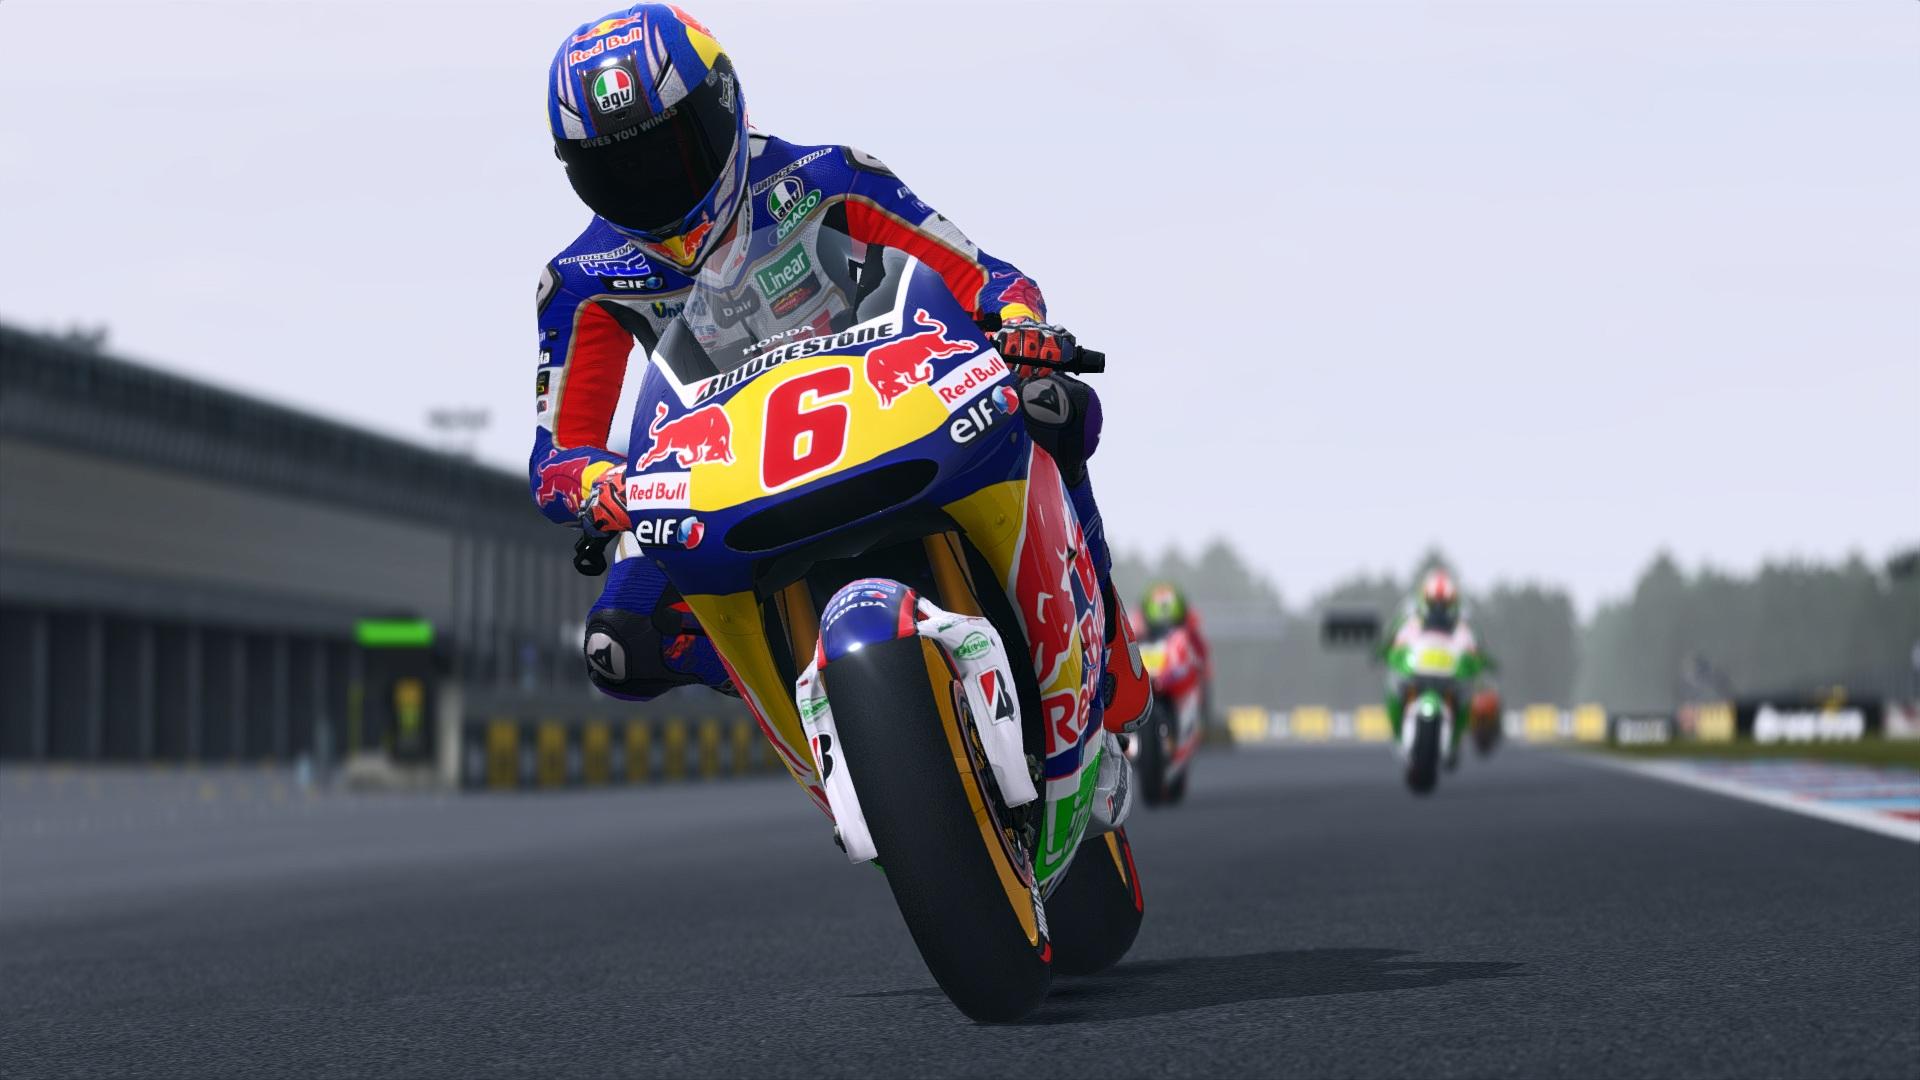 MotoGP14X64.exe_DX11_20140901_225450.jpg